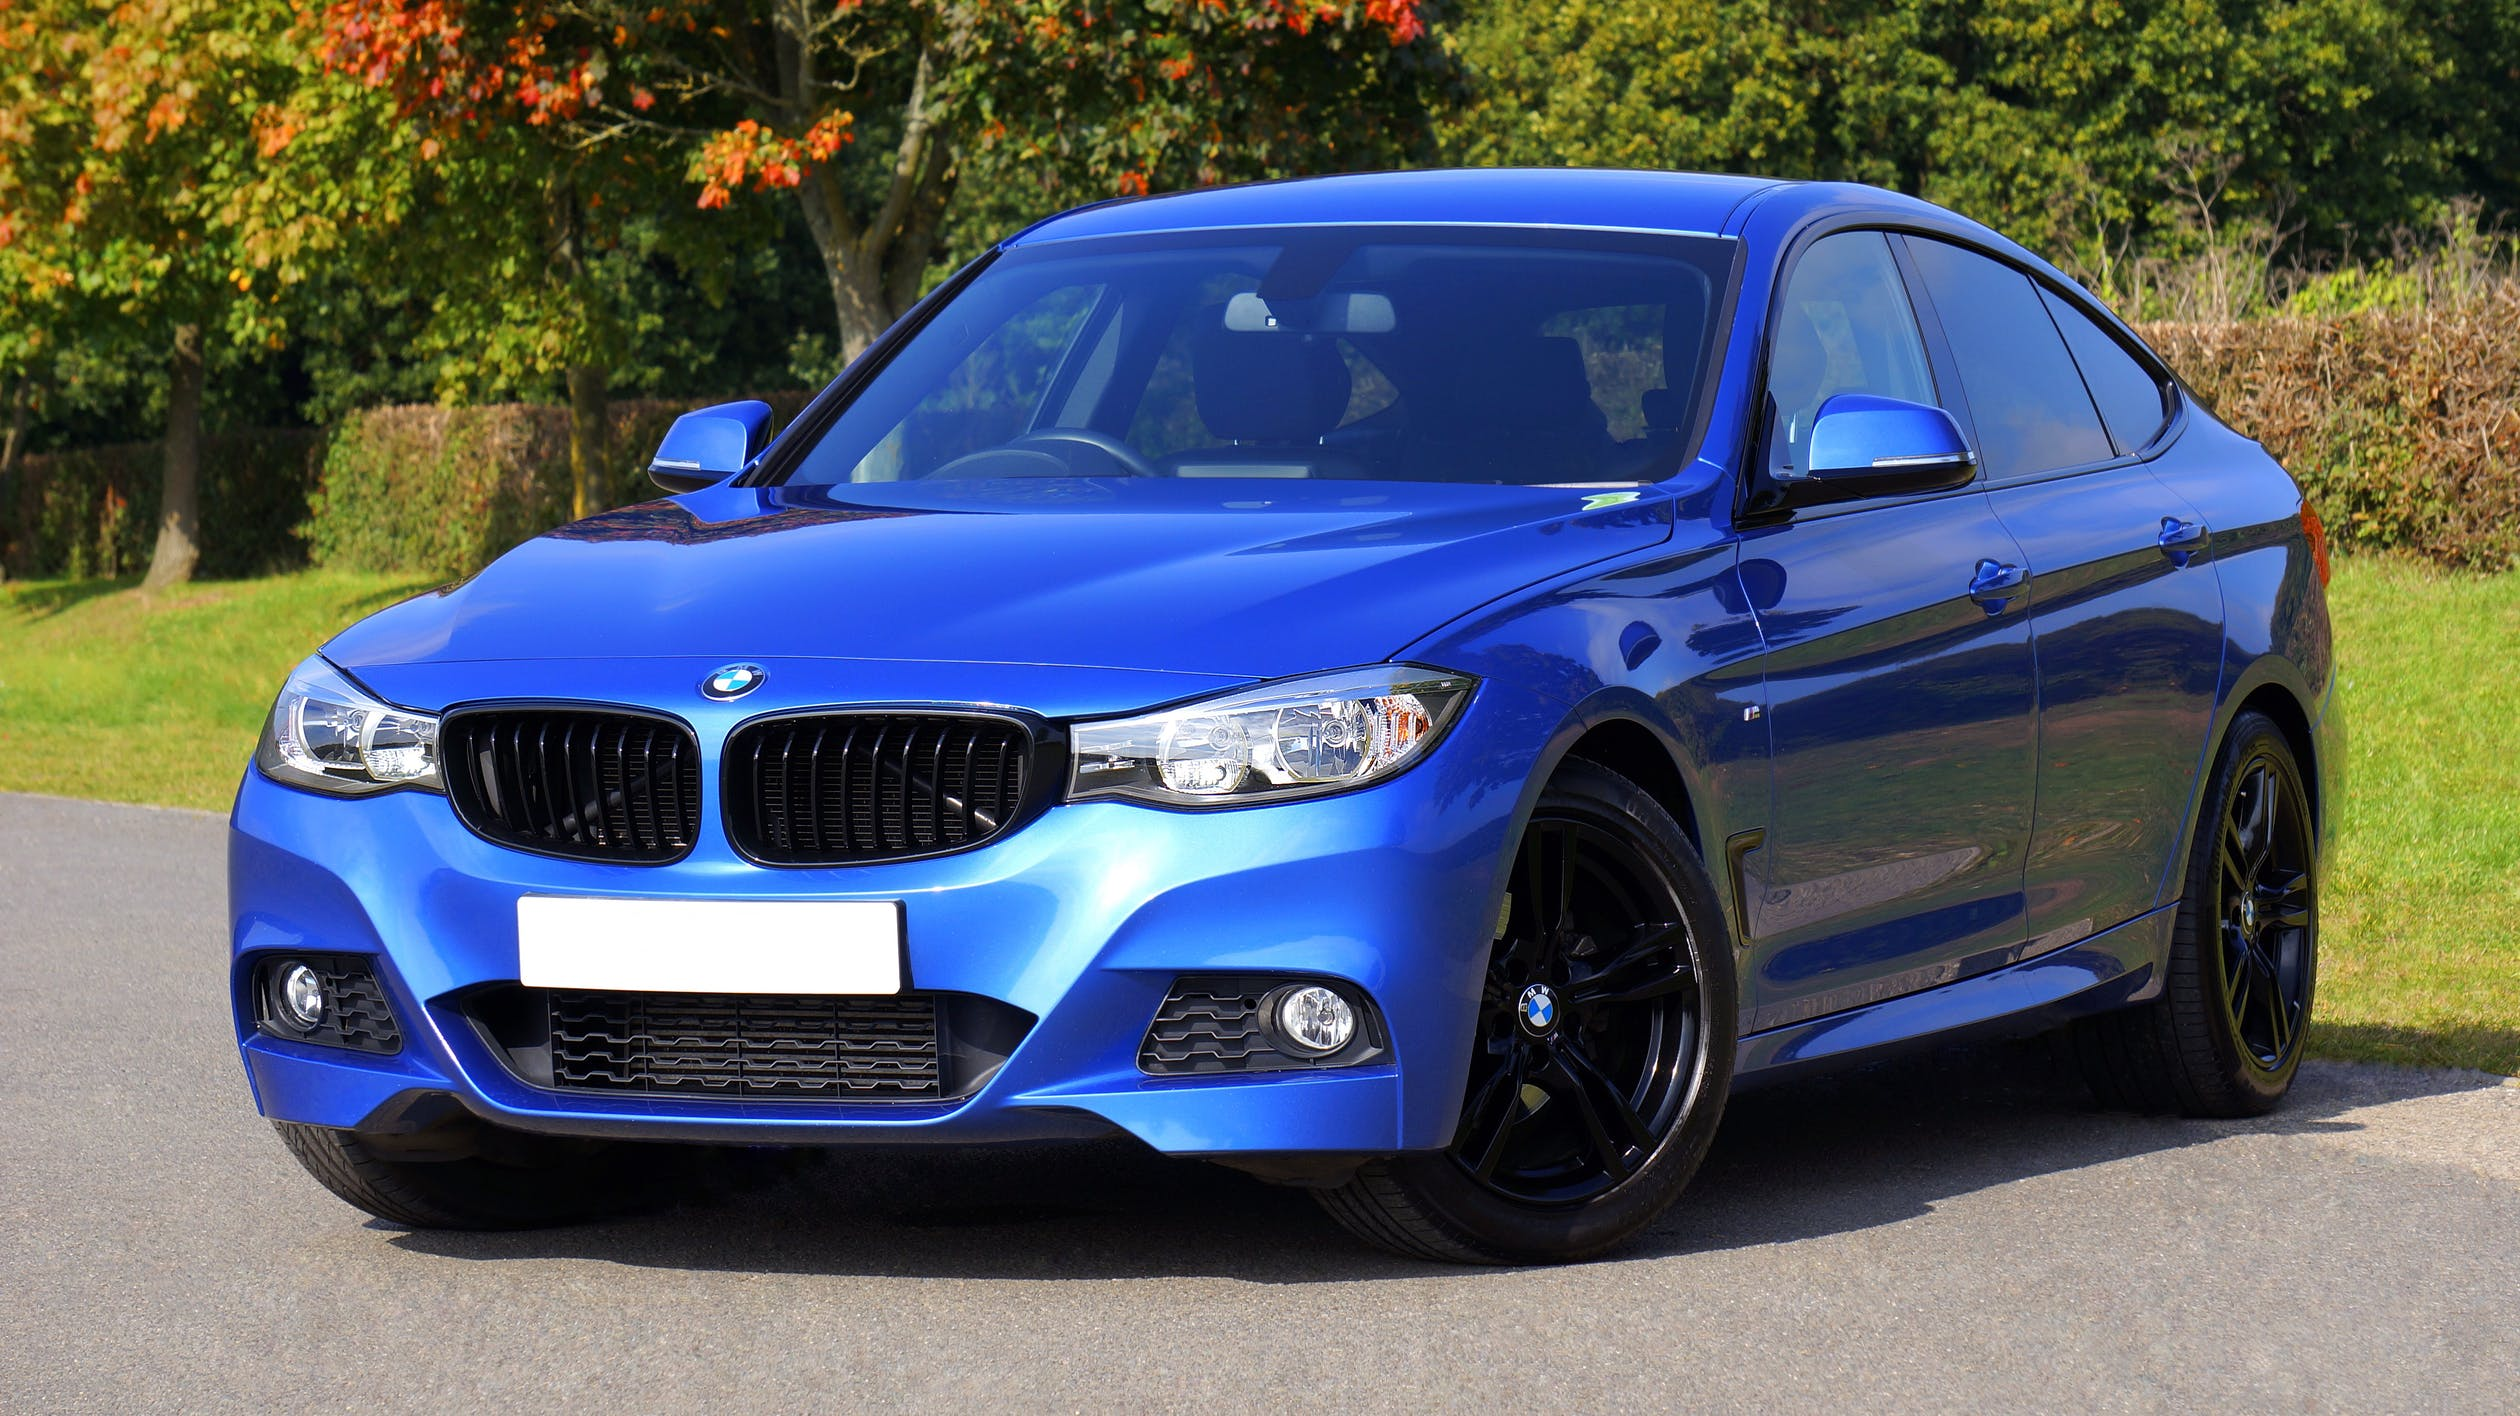 NEW CAR BLUE BMW